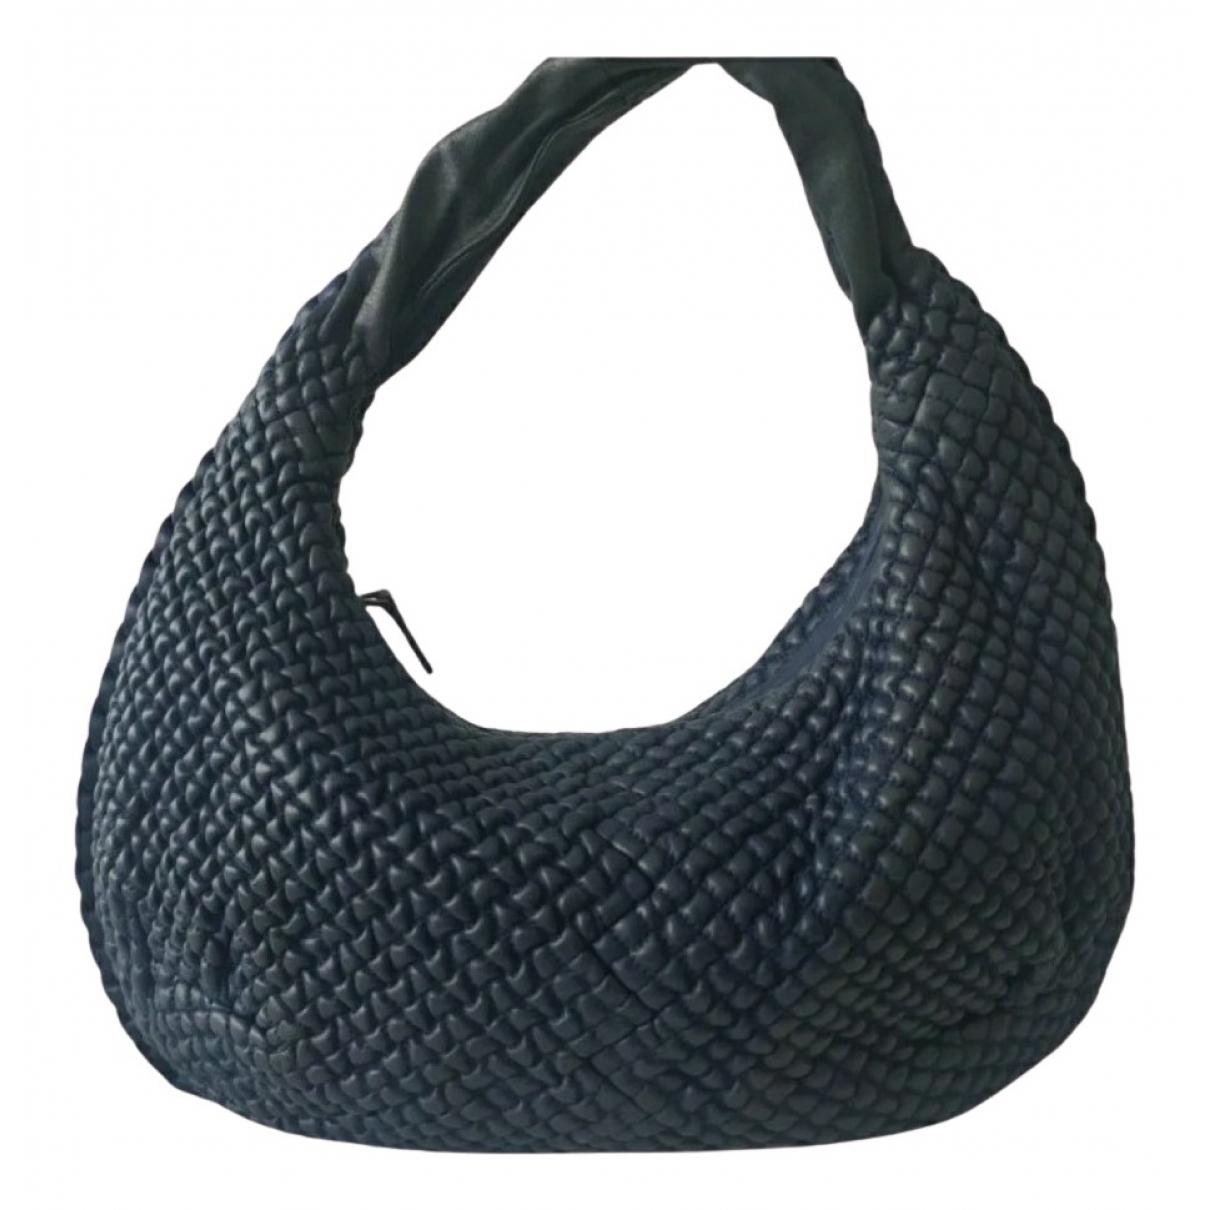 Bottega Veneta - Sac a main Veneta pour femme en cuir - bleu